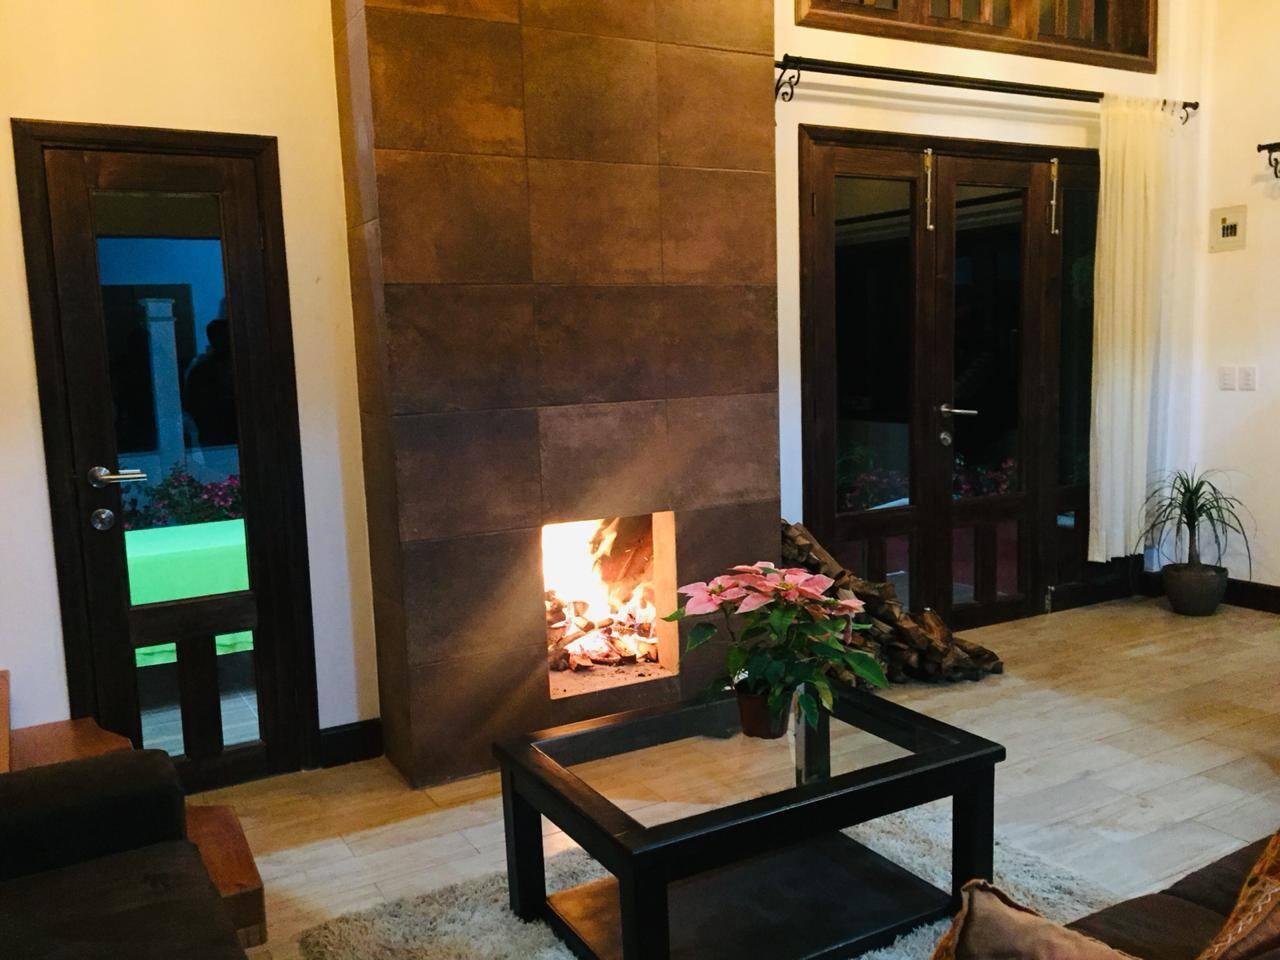 Disfruta de la chimenea y del espacio con doble altura de la cabaña. Donde podrán convivir toda la familia y amigos en un área abierta de sala y comedor. Un espacio acogedor y cálido para vivir momentos inolvidables...